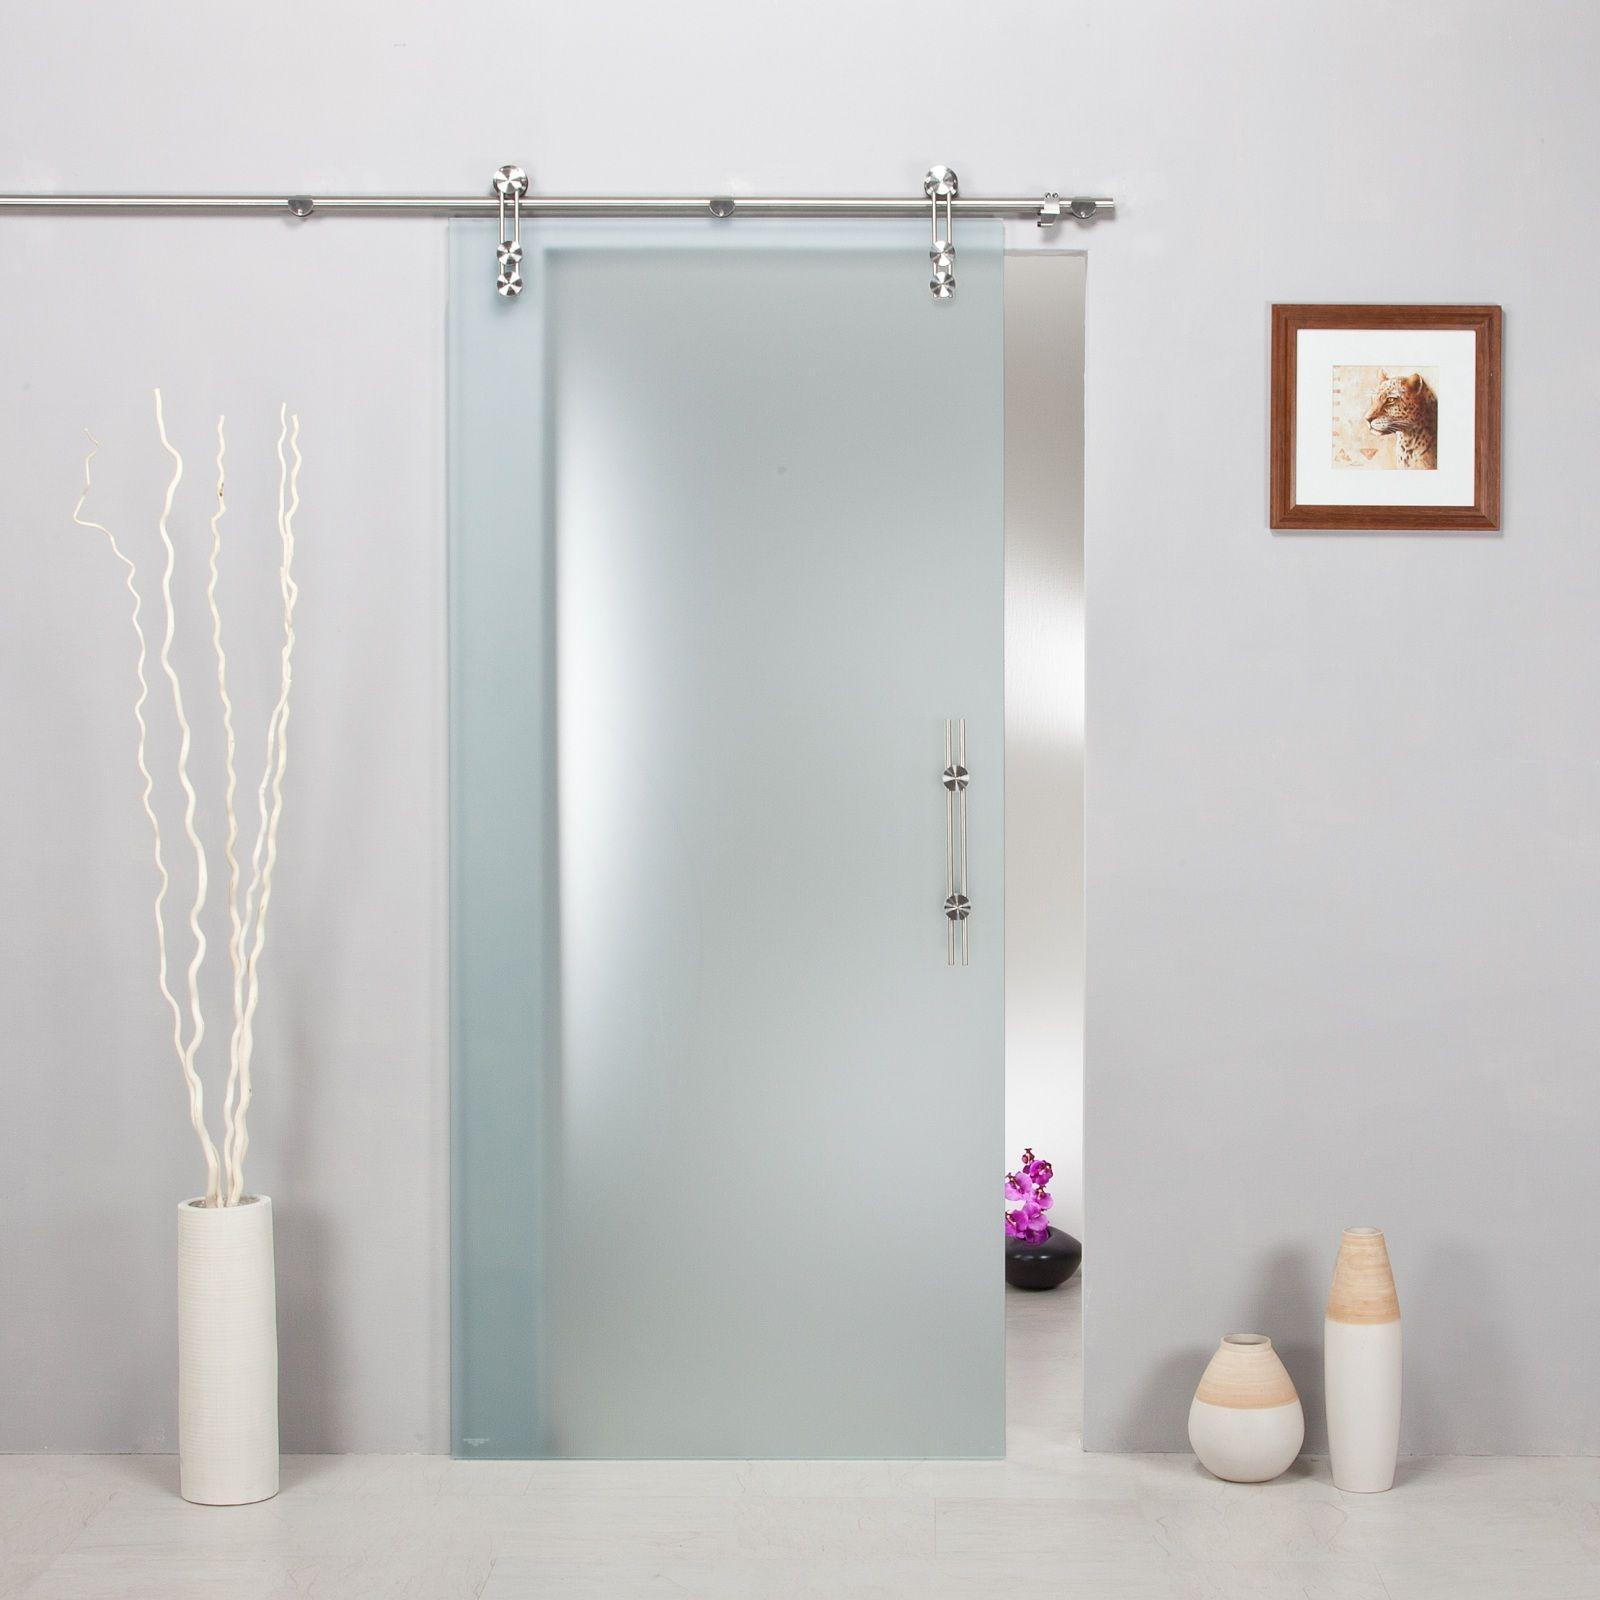 Melkglas | Matglas | Satijnglas op maat bestellen | Alhra Glas ...